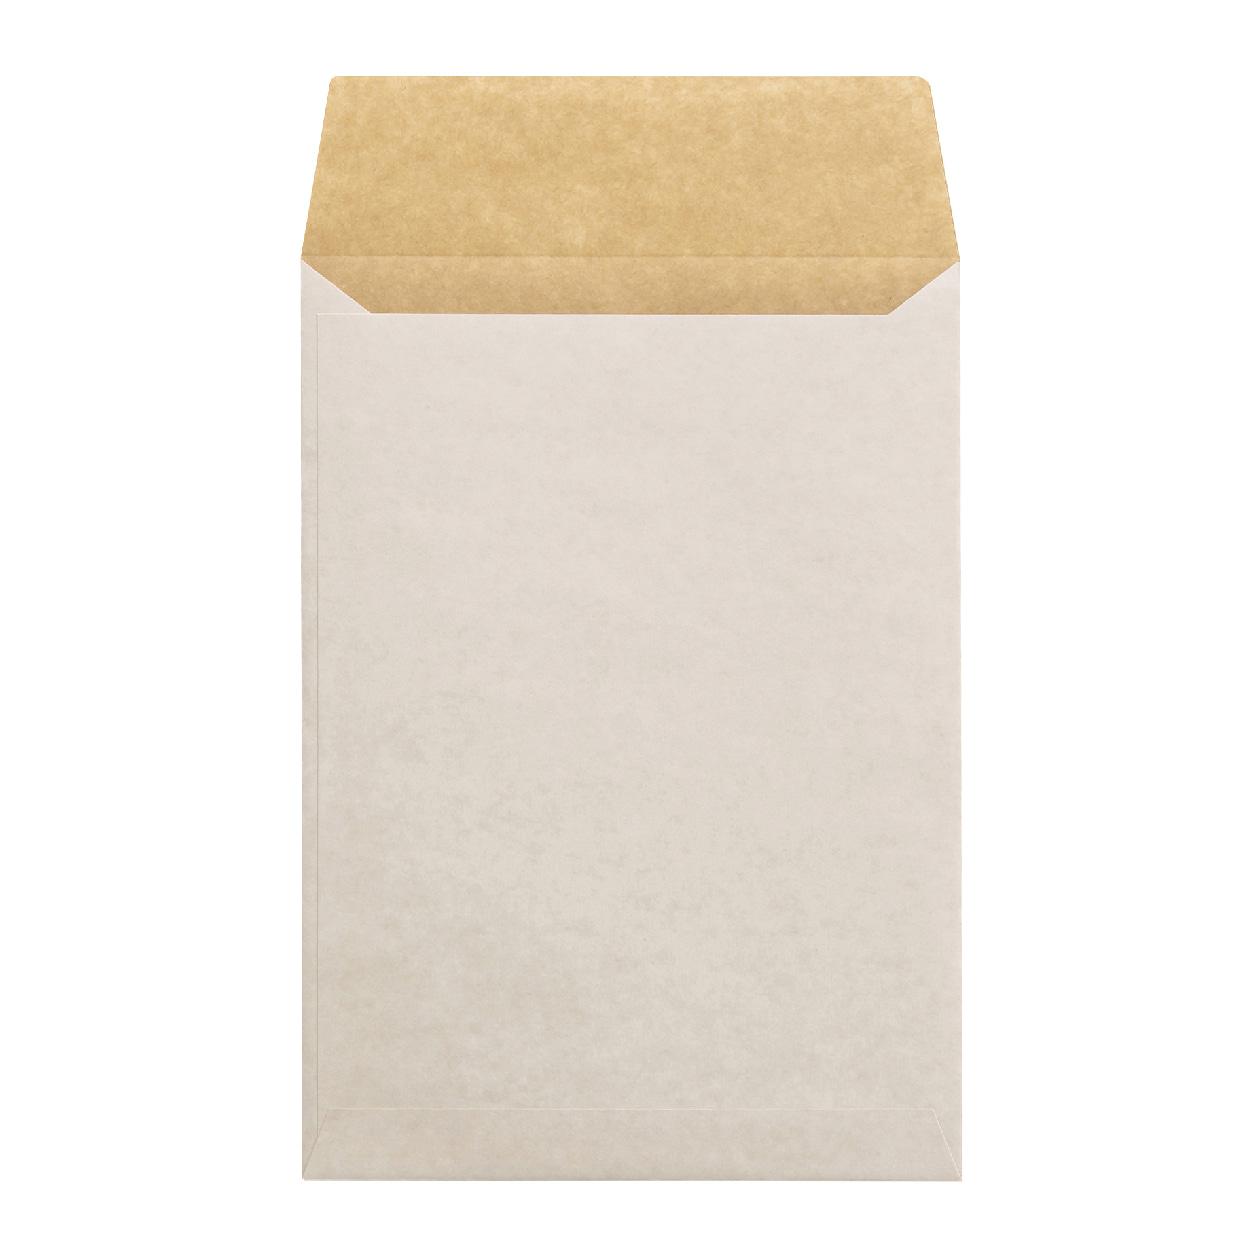 角6封筒 ホワイトクラフト 100g